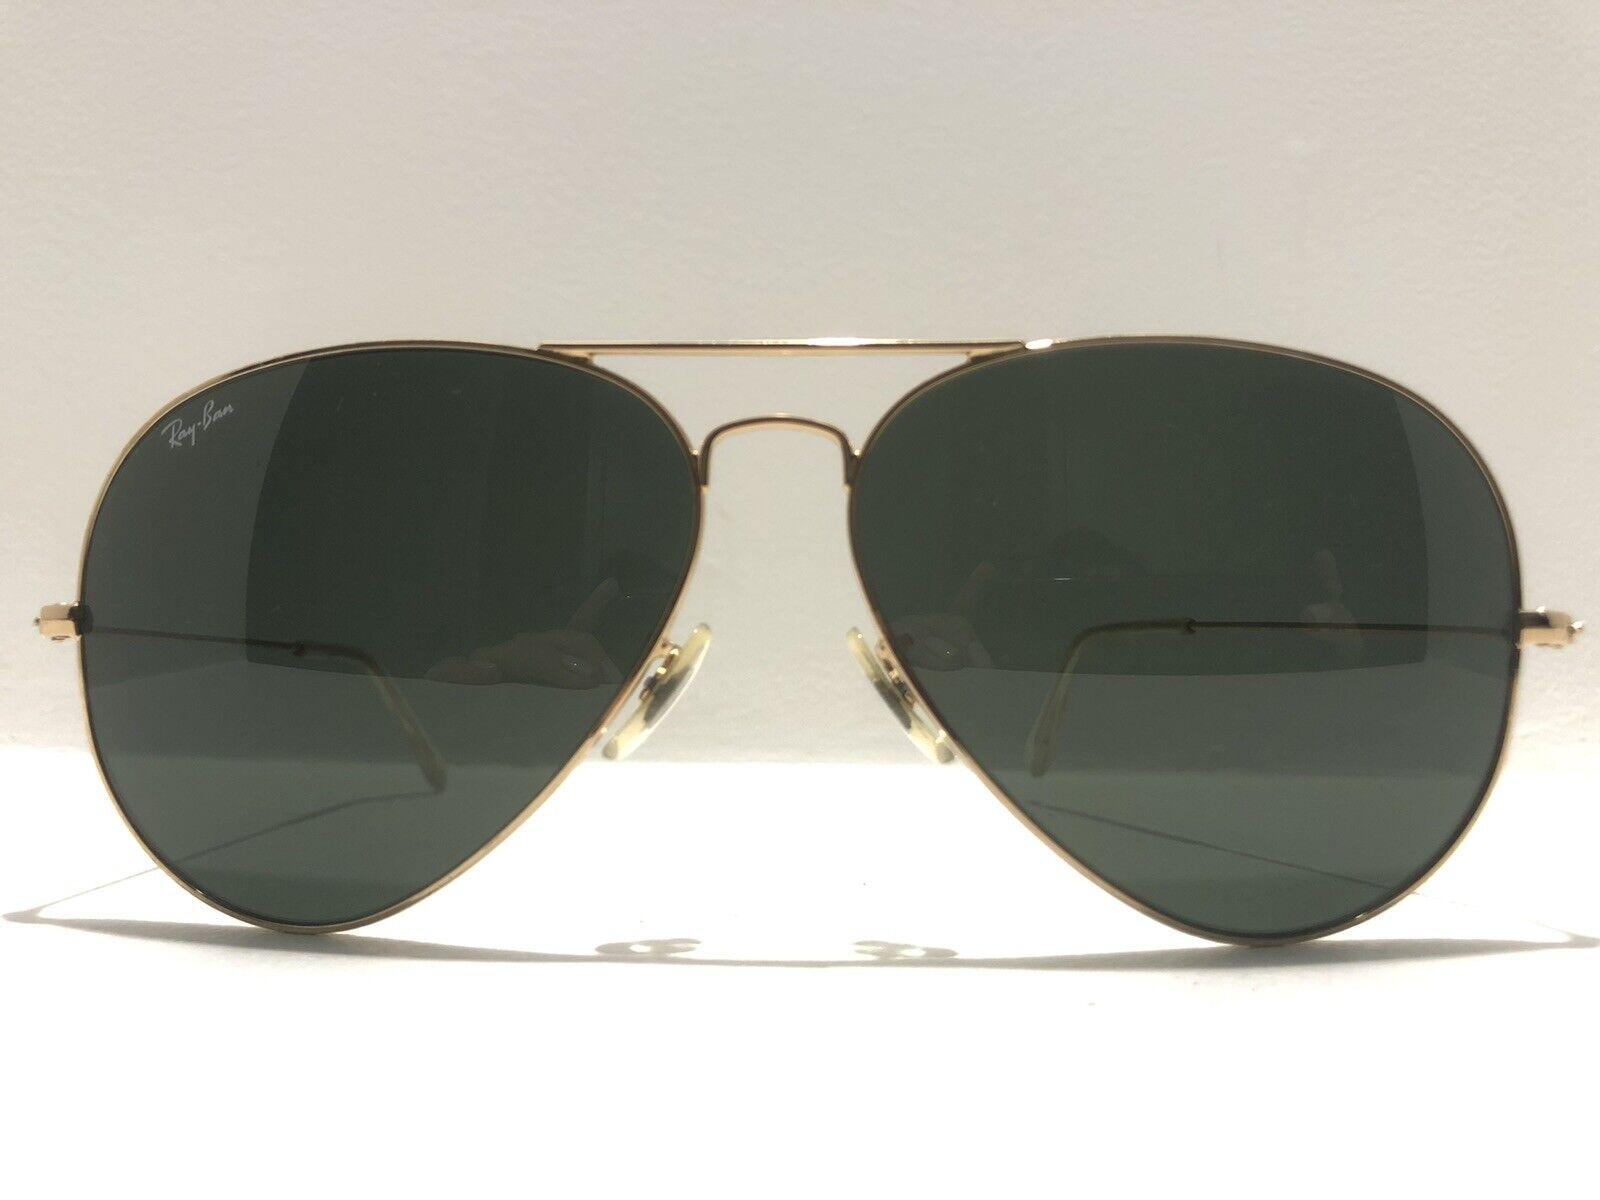 ray ban aviators gold green lens